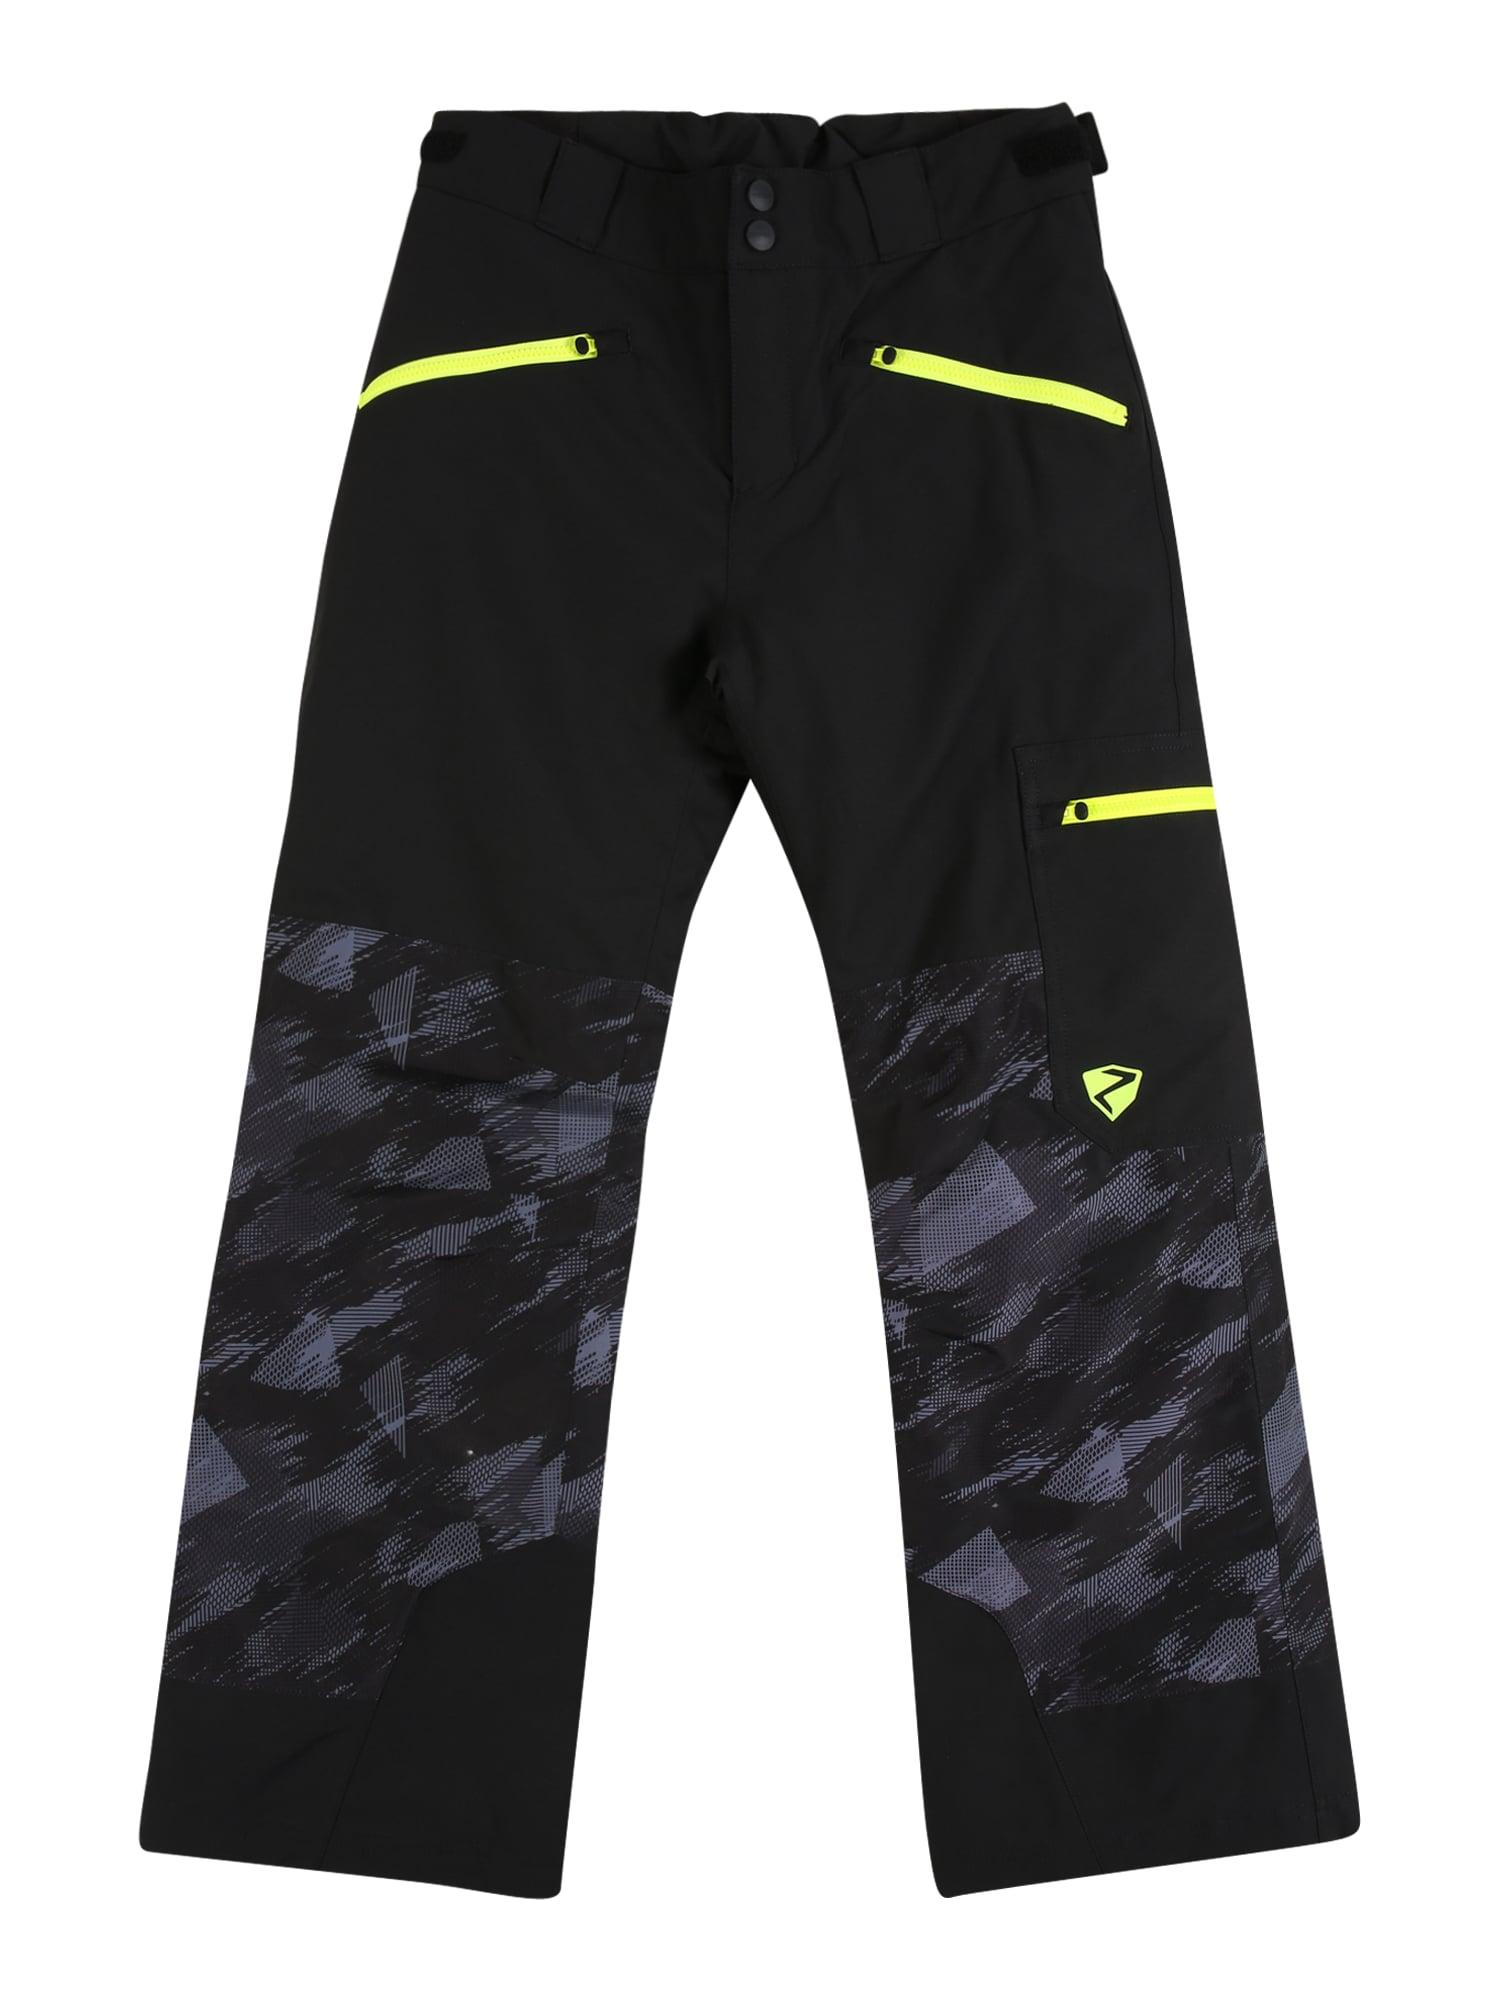 ZIENER Outodoor kalhoty 'Amiro'  černá / svítivě žlutá / šedá